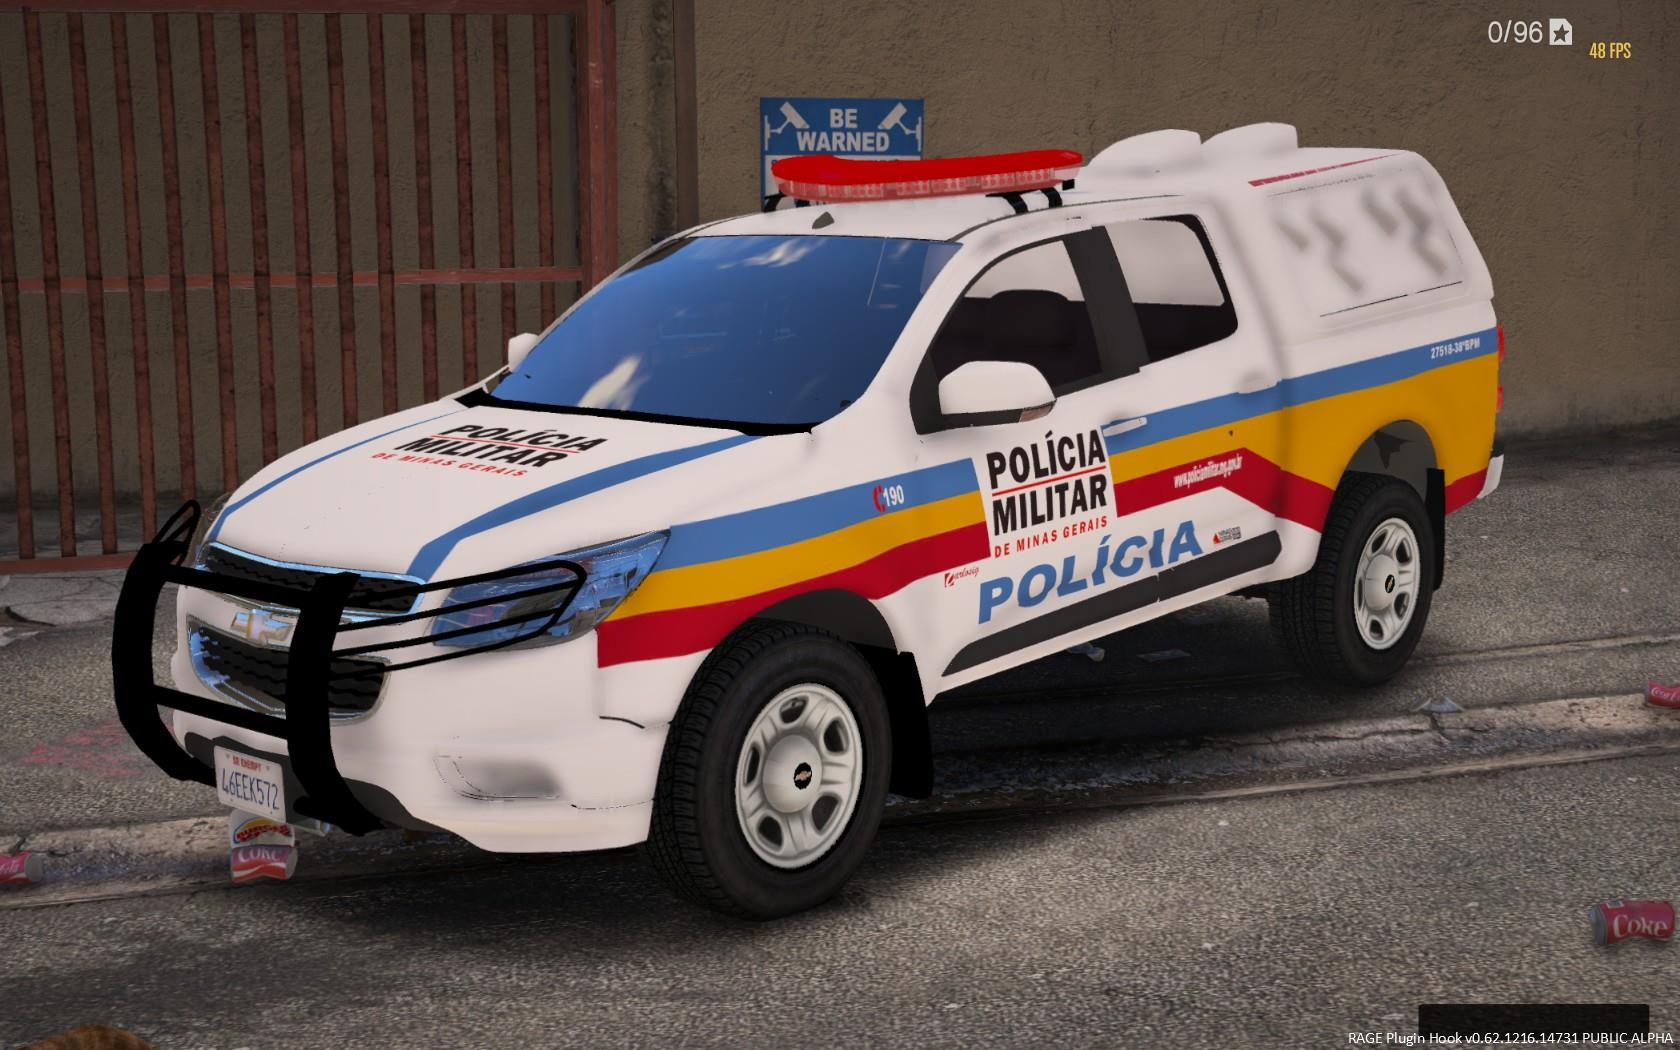 S10 PMMG - Polícia Militar de Minas Gerais - GTA5-Mods.com